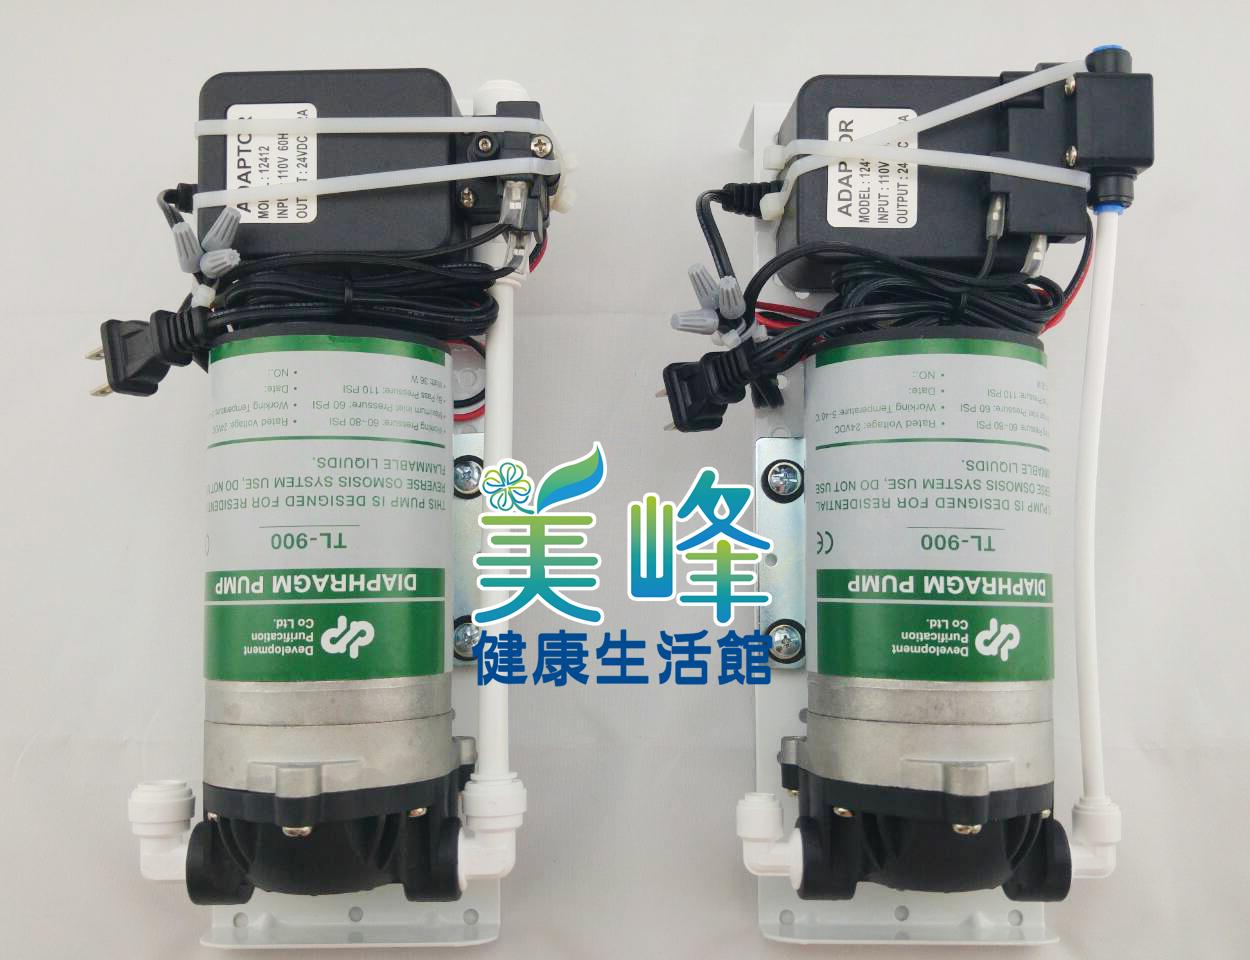 加壓馬達水壓增壓器淨水器加壓器水增加動力組合2分規格1450元